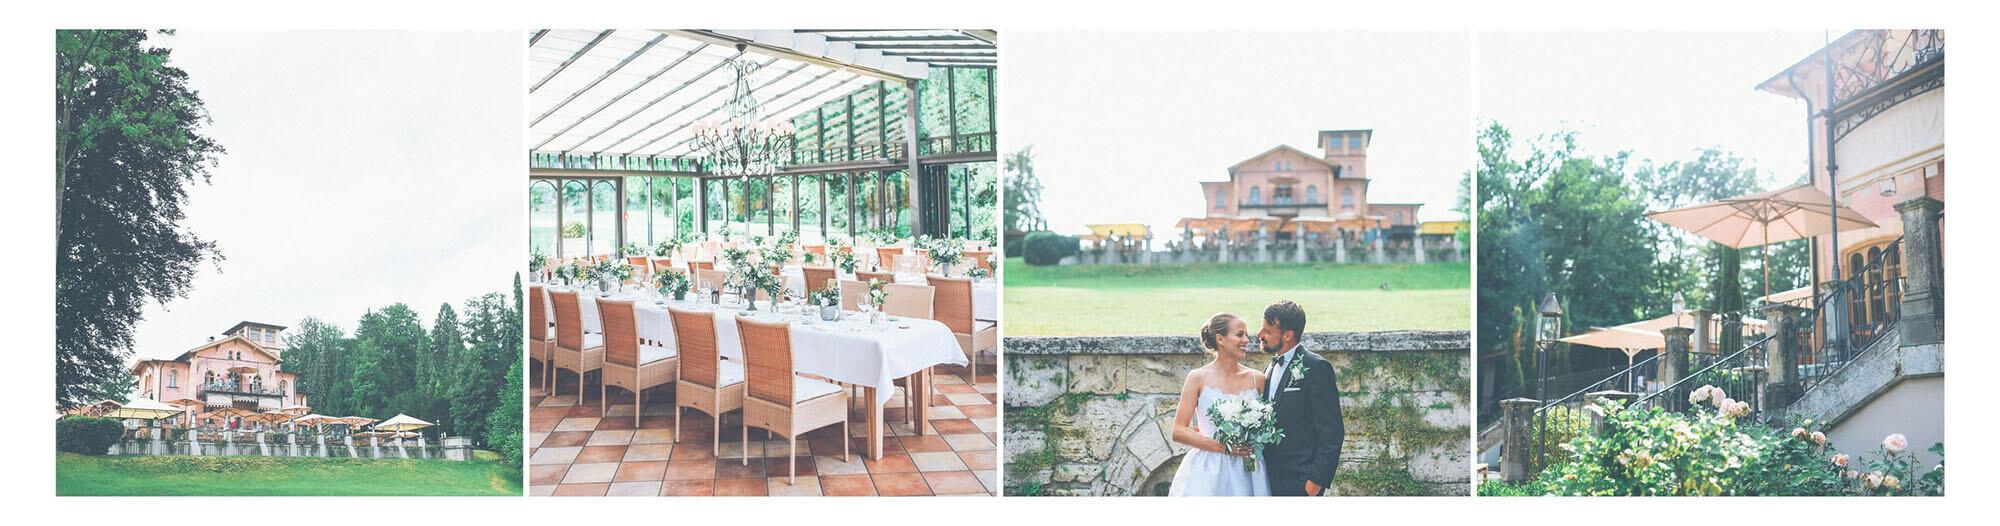 Hochzeitsfotograf La Villa am Starnberger See